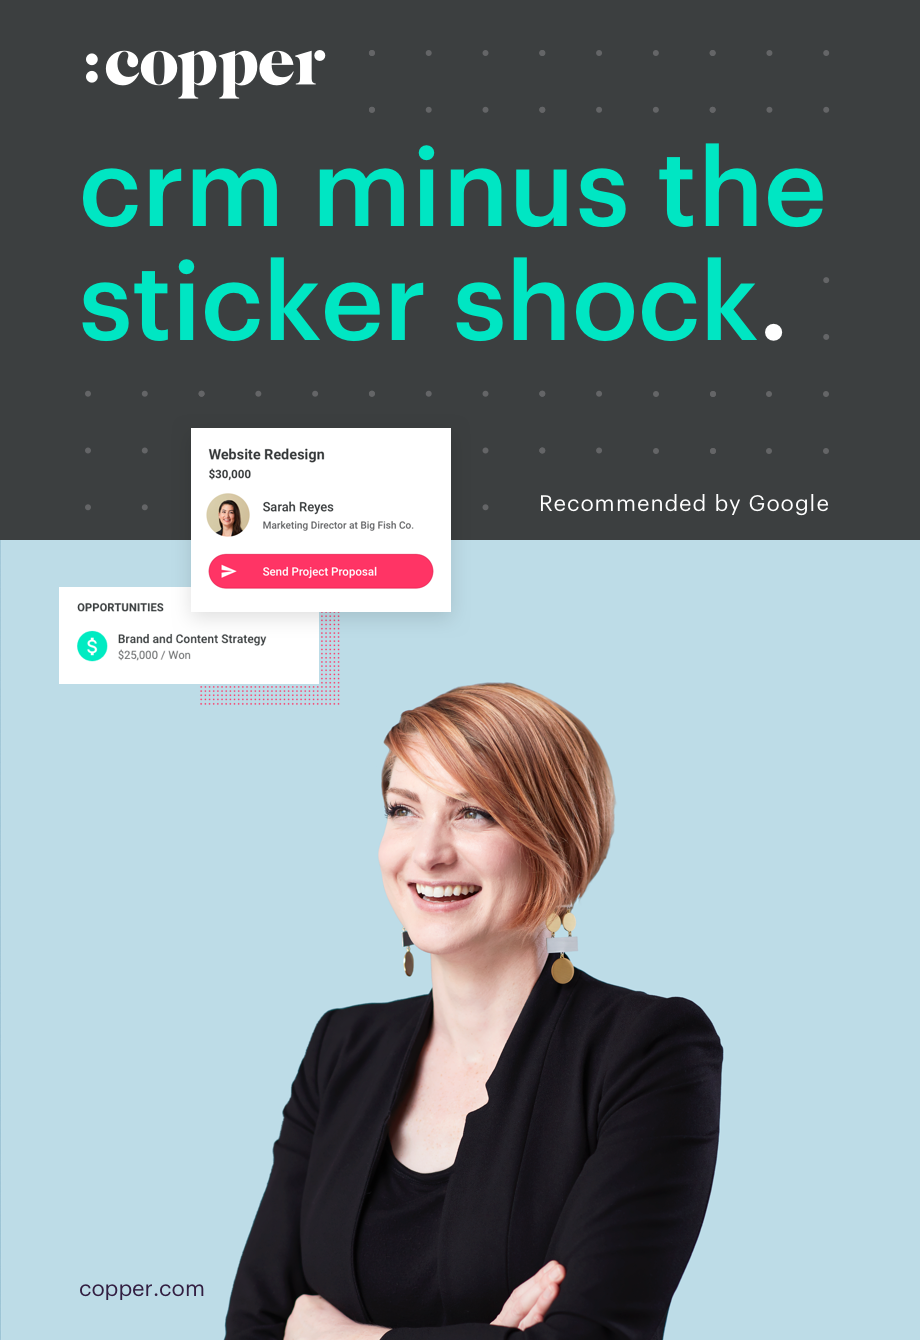 copper crm minus the sticker shock ad